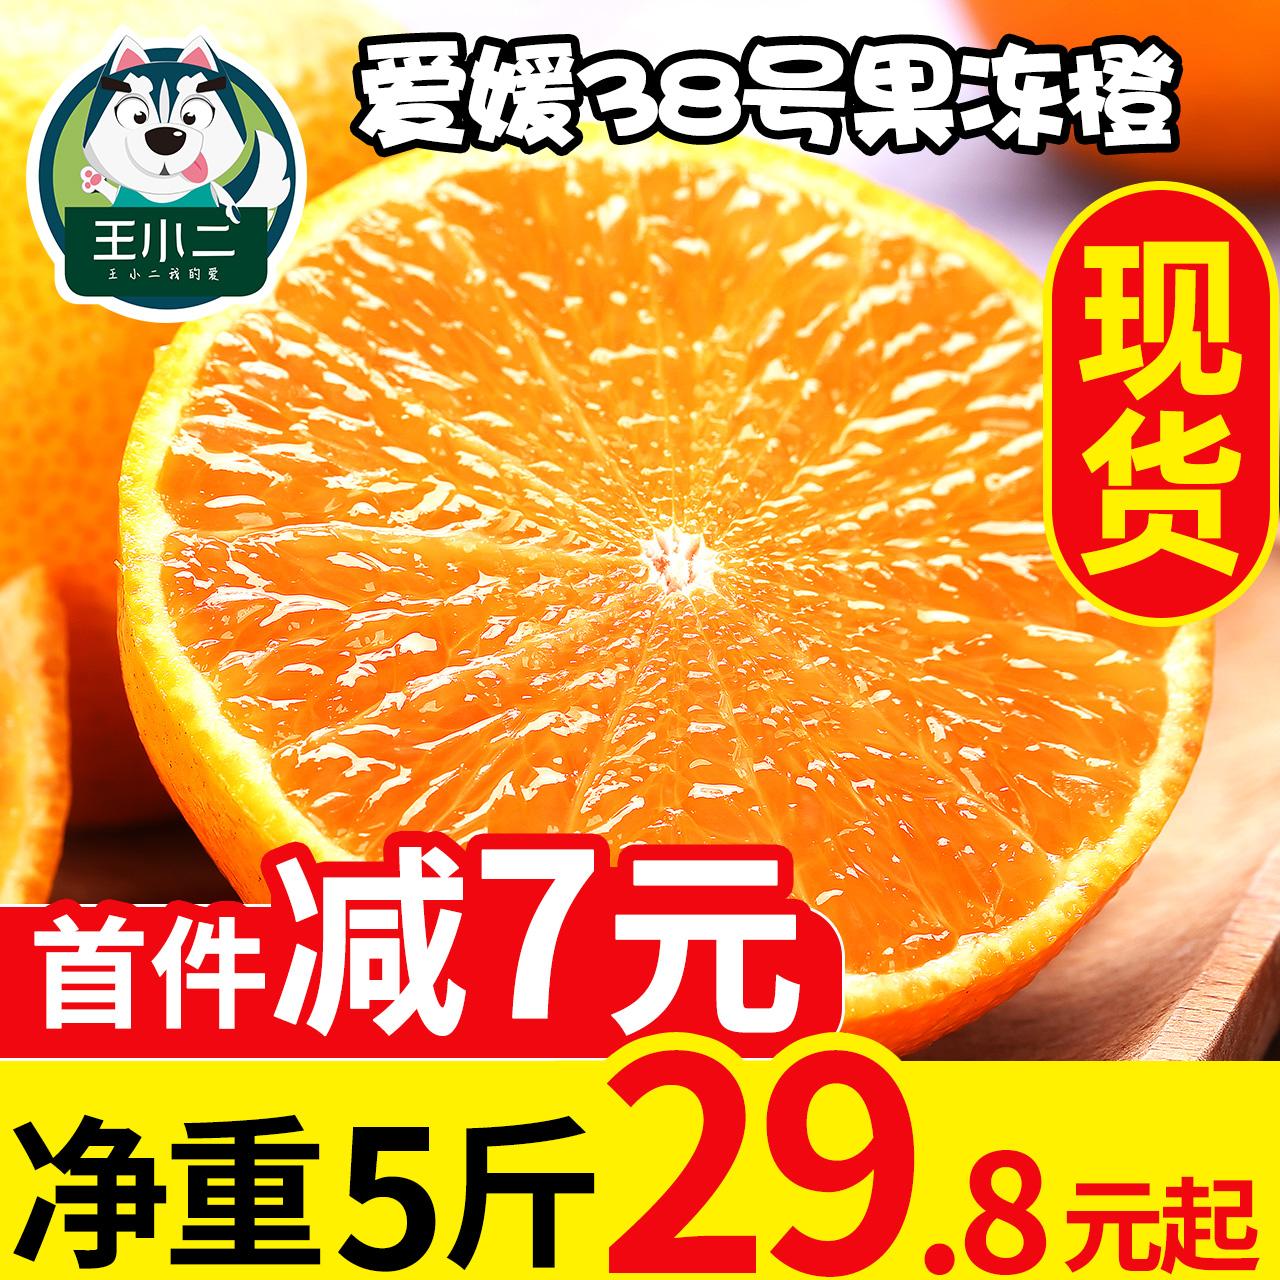 四川爱媛38号果冻橙水果新鲜当季 整箱包邮橙子桔子柑橘甜5斤10